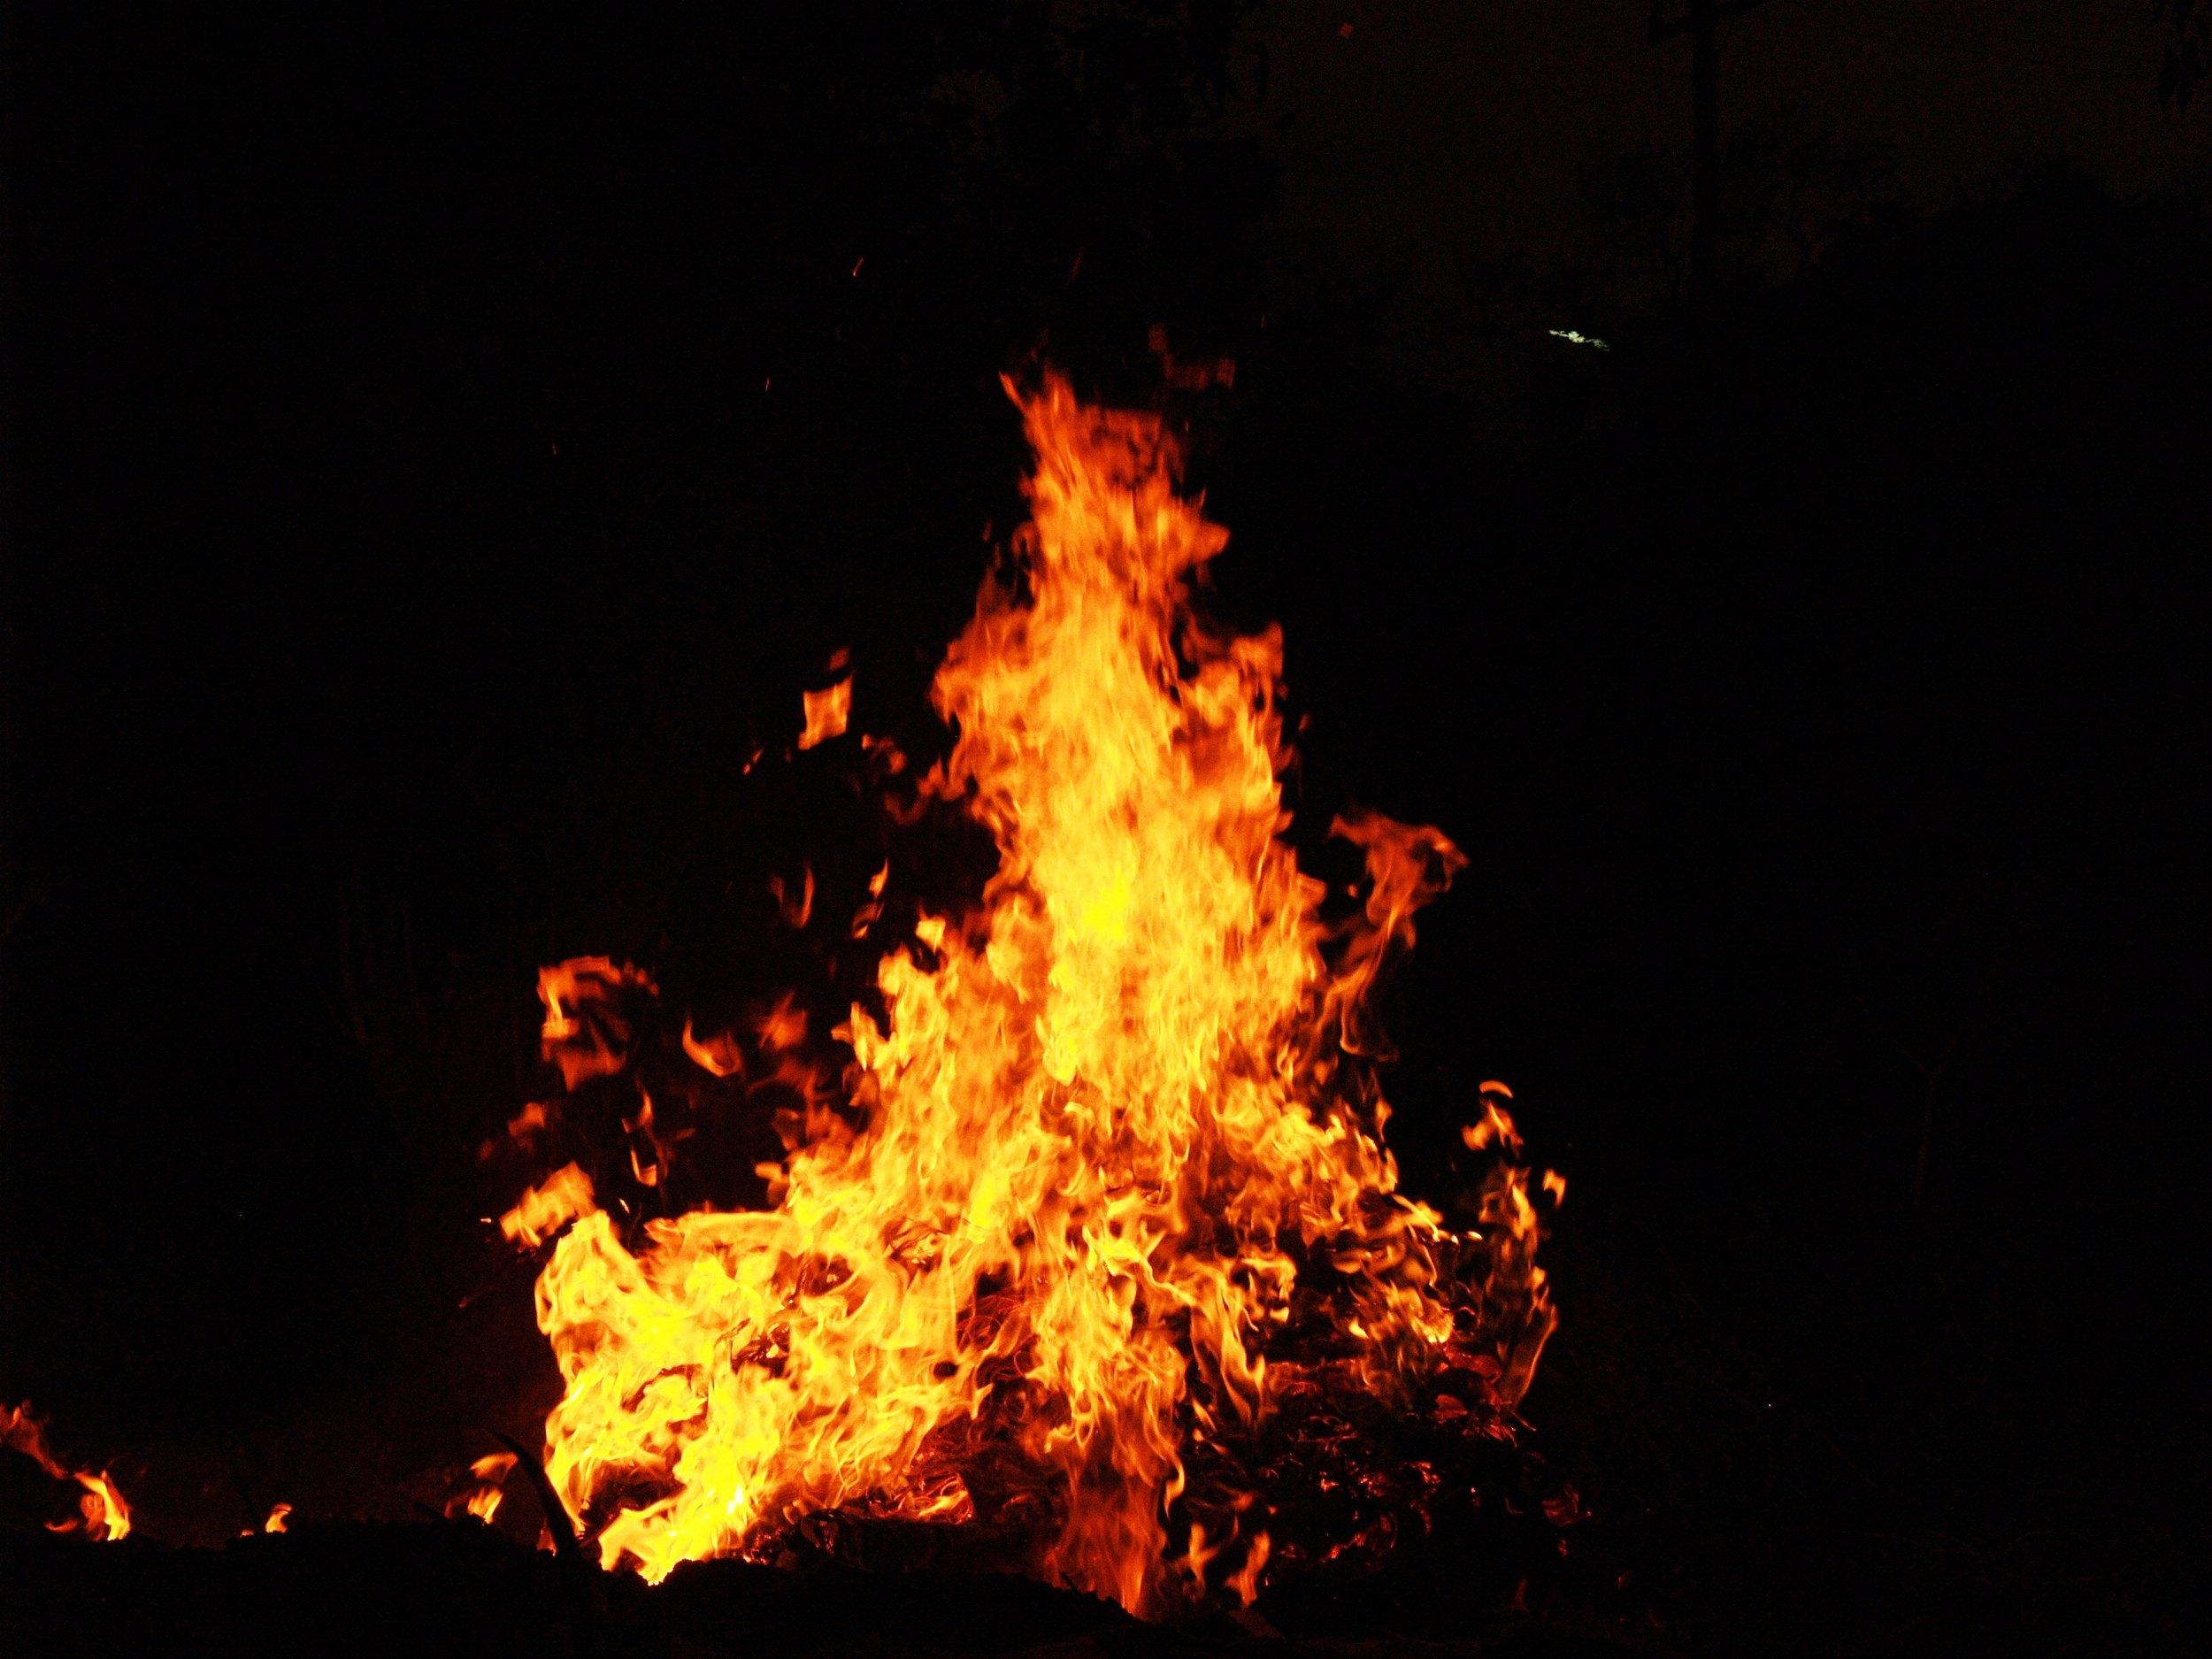 background-blaze-blazing-216621.jpg